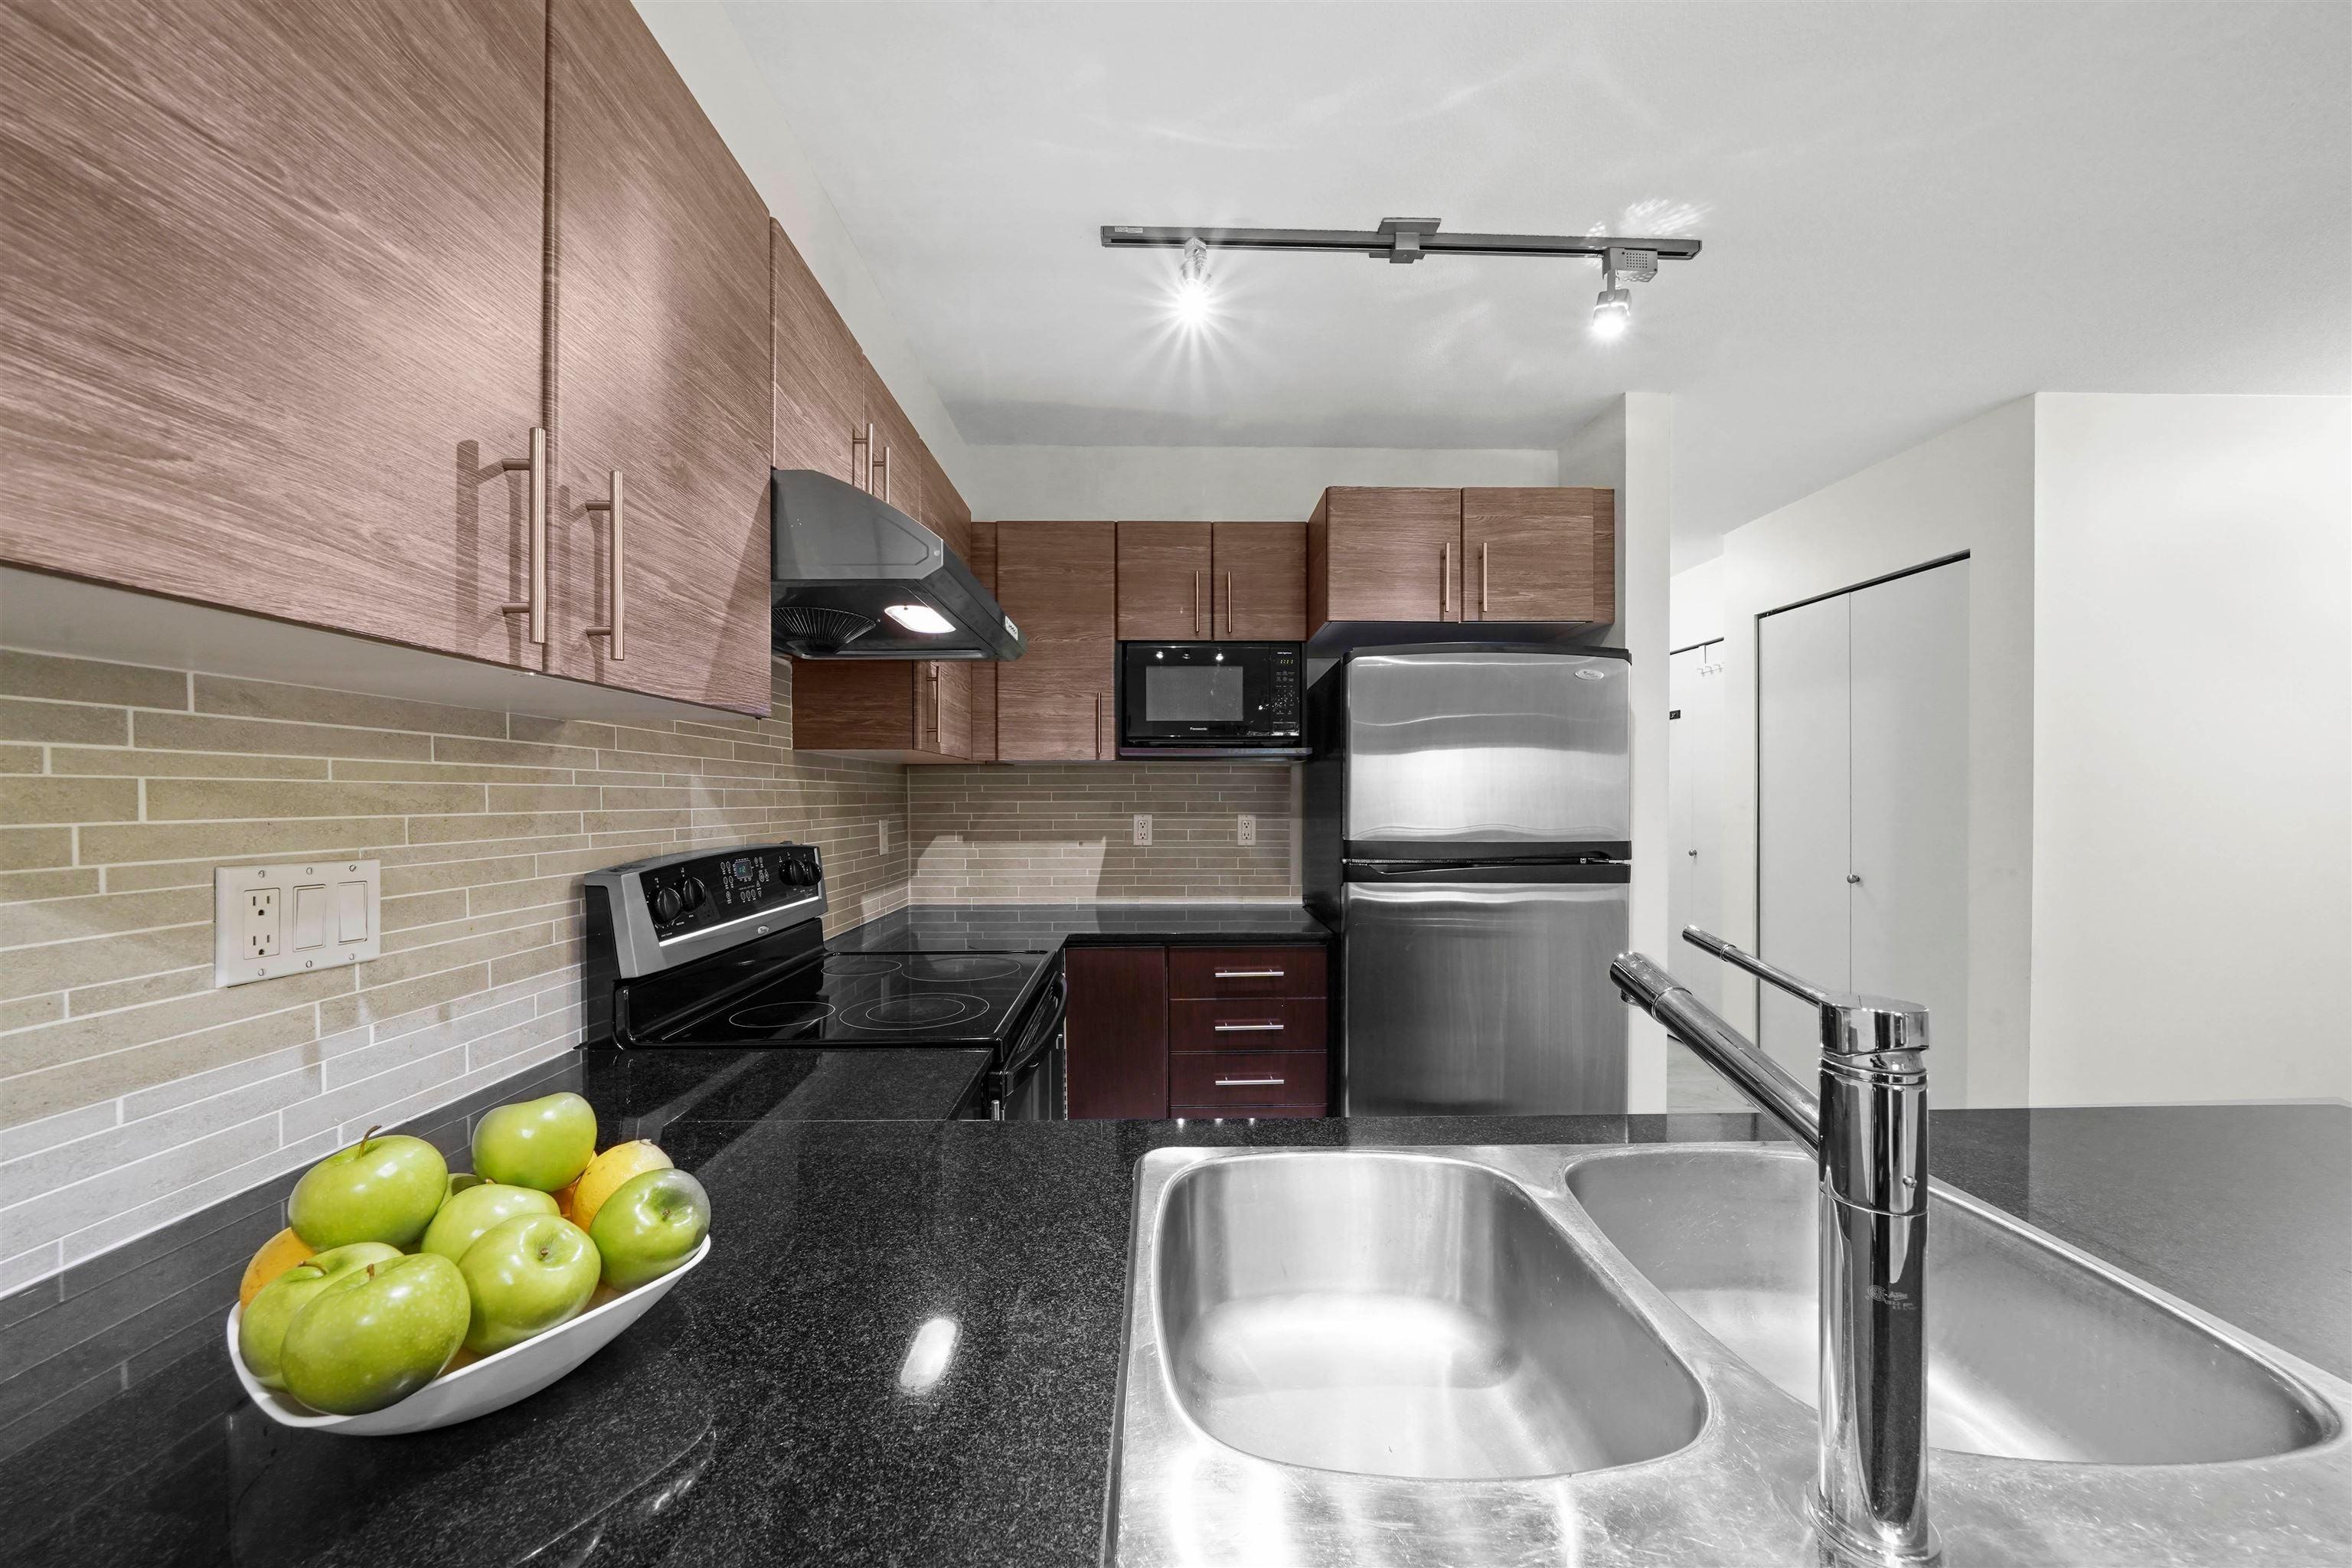 319 1633 MACKAY AVENUE - Pemberton NV Apartment/Condo for sale, 2 Bedrooms (R2624916) - #5